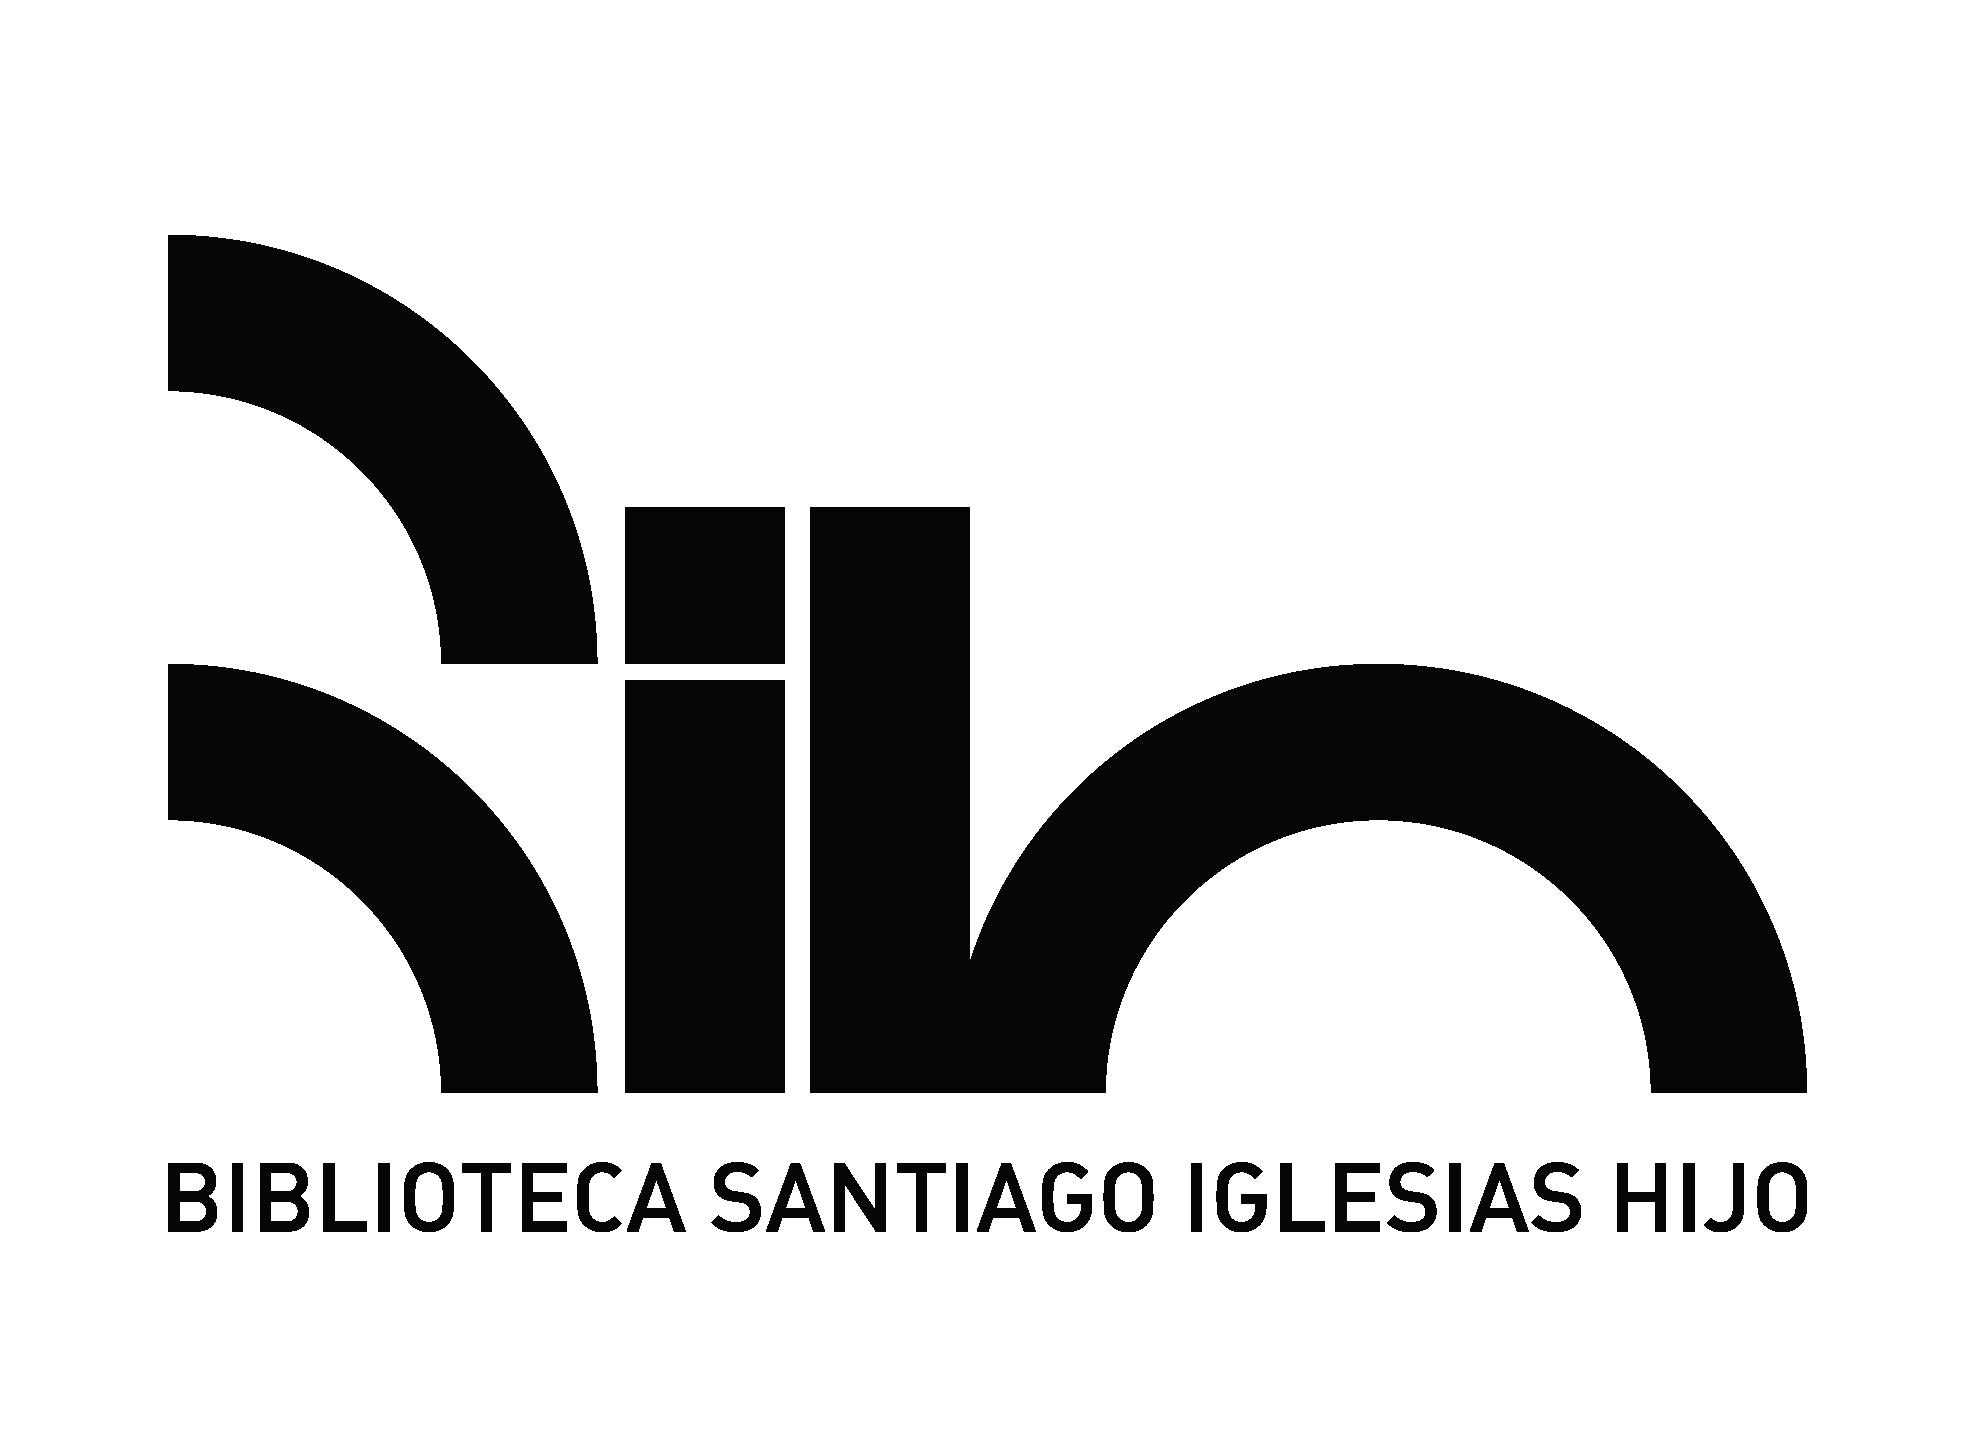 Logo de la Biblioteca Santiago Iglesias Hijo